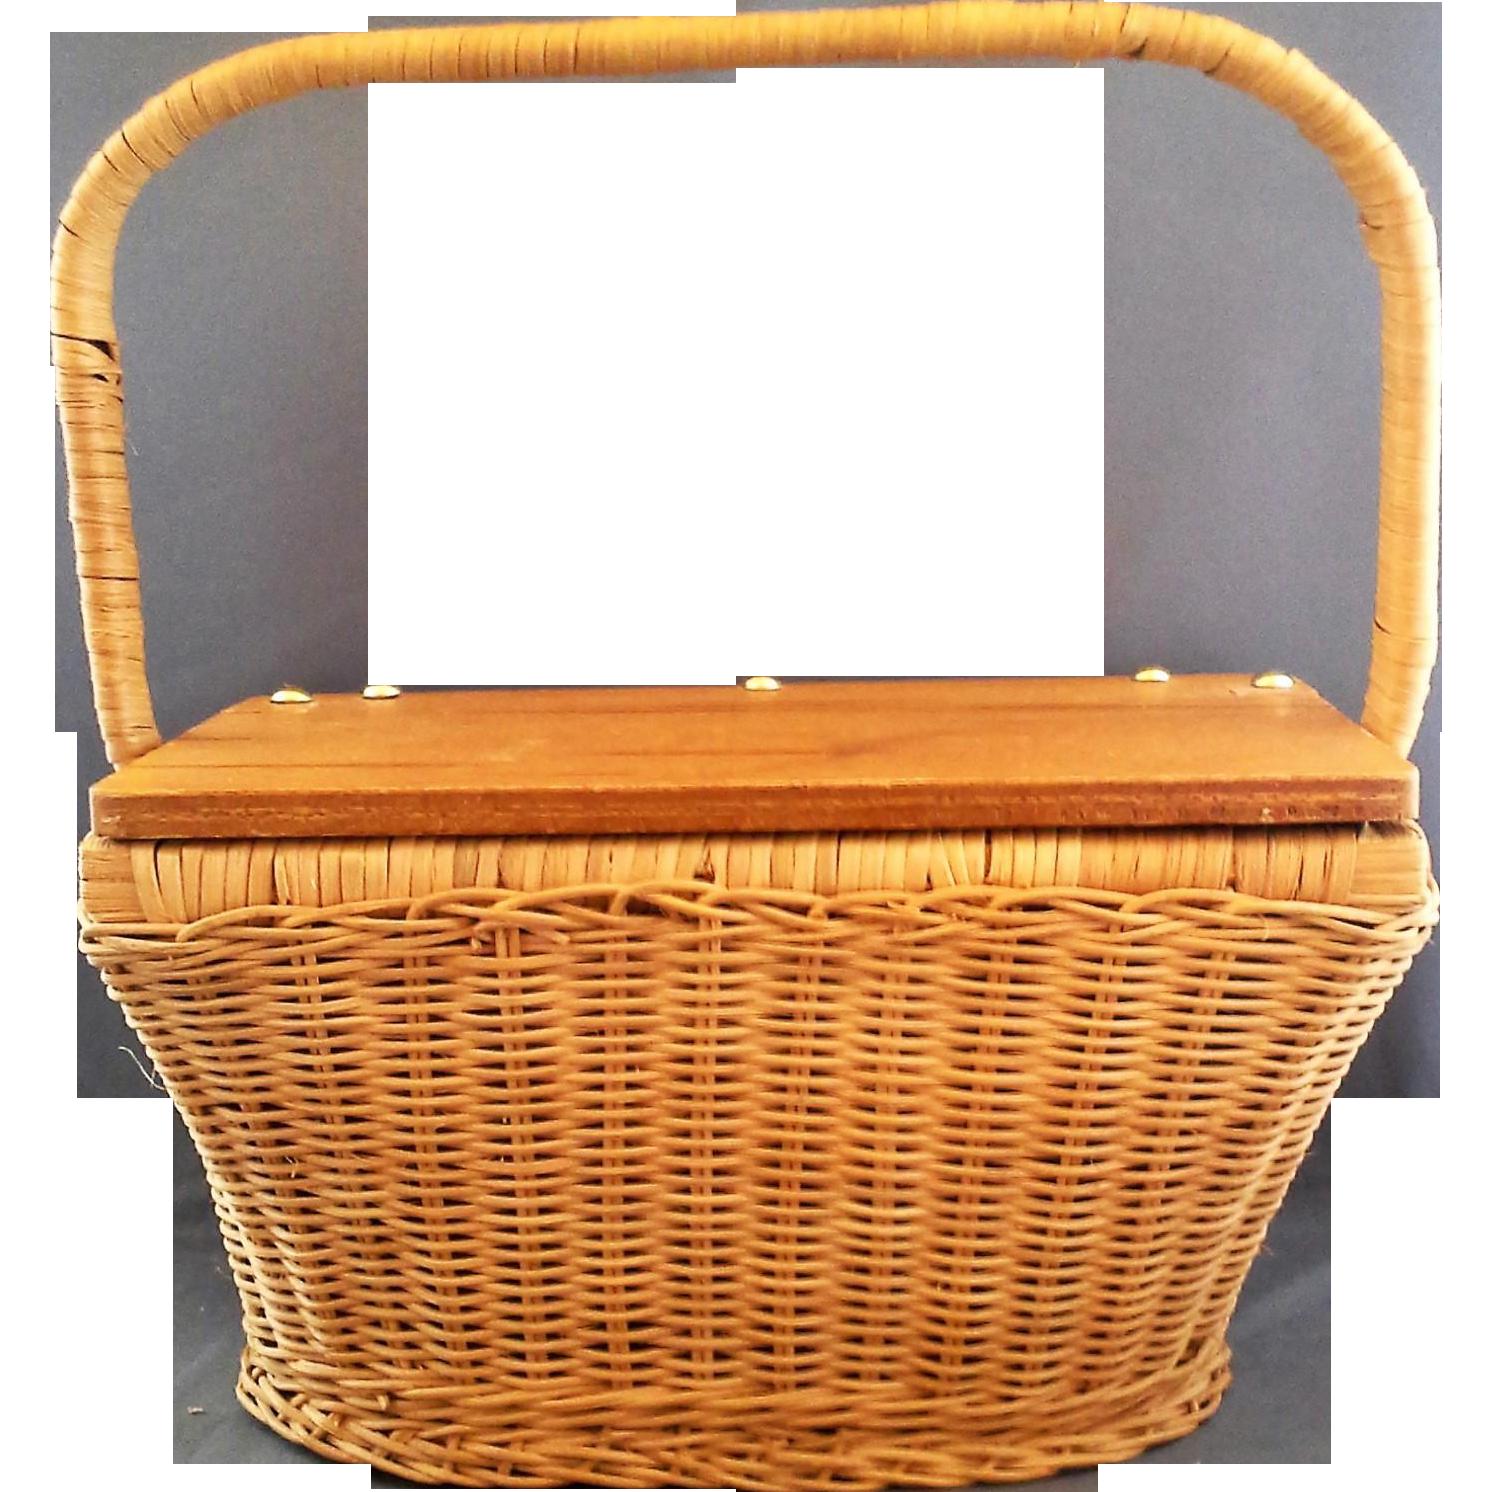 Wicker Basket With Hinged Lid : Hong kong wicker basket purse hinged wood lid hoosier